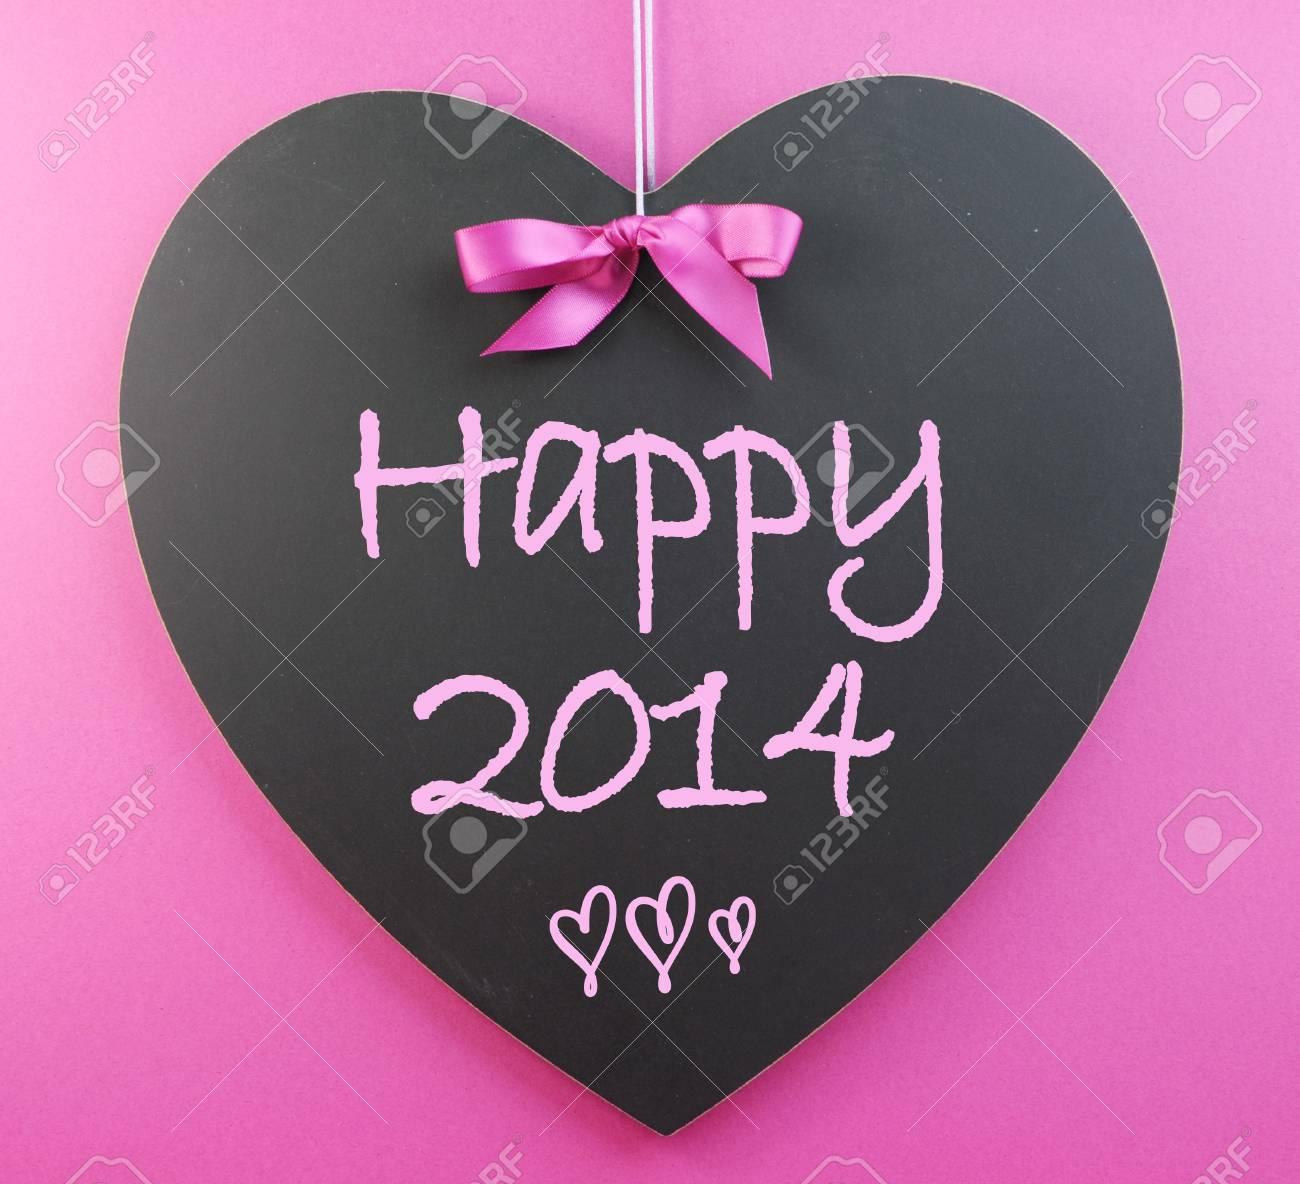 Frohes Neues Jahr 2014 Nachricht Geschrieben Begrüßung Auf Herz-Form ...